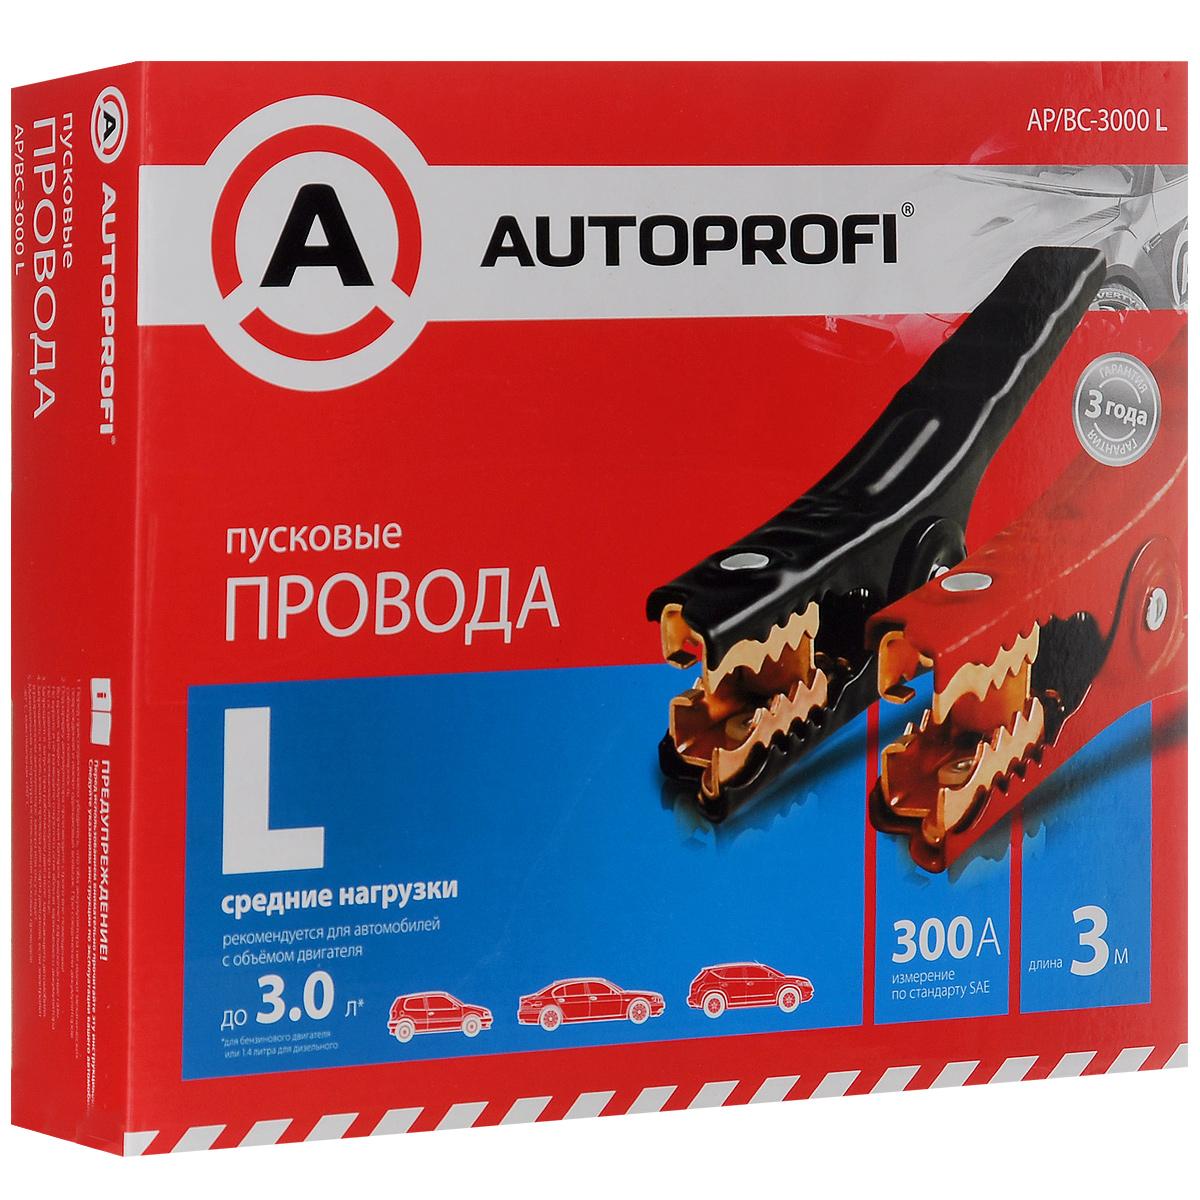 Провода пусковые Autoprofi L, средние нагрузки, 13,3 мм2, 300 A, 3 мAP/BC - 3000 LПусковые провода Autoprofi L сделаны по американскому стандарту SAE J1494. Это значит, что падение напряжение ни при каких условиях не превышает 2,5 В. Ручки пусковых проводов не нагреваются до уровня, способного навредить человеку. Технологически это достигается использованием проводов из толстой алюминиевой жилы с медным напылением, а также надежной термопластовой изоляцией. Данные провода рекомендованы для автомобилей с бензиновым двигателем, объемом до 3 л или с дизельным двигателем, объемом до 1,4 л. Сумка для переноски и хранения в комплекте. Ток нагрузки: 300 А. Длина провода: 3 м. Сечение проводника: 13,3 мм2. Диапазон рабочих температур: от -40°С до +60°С.